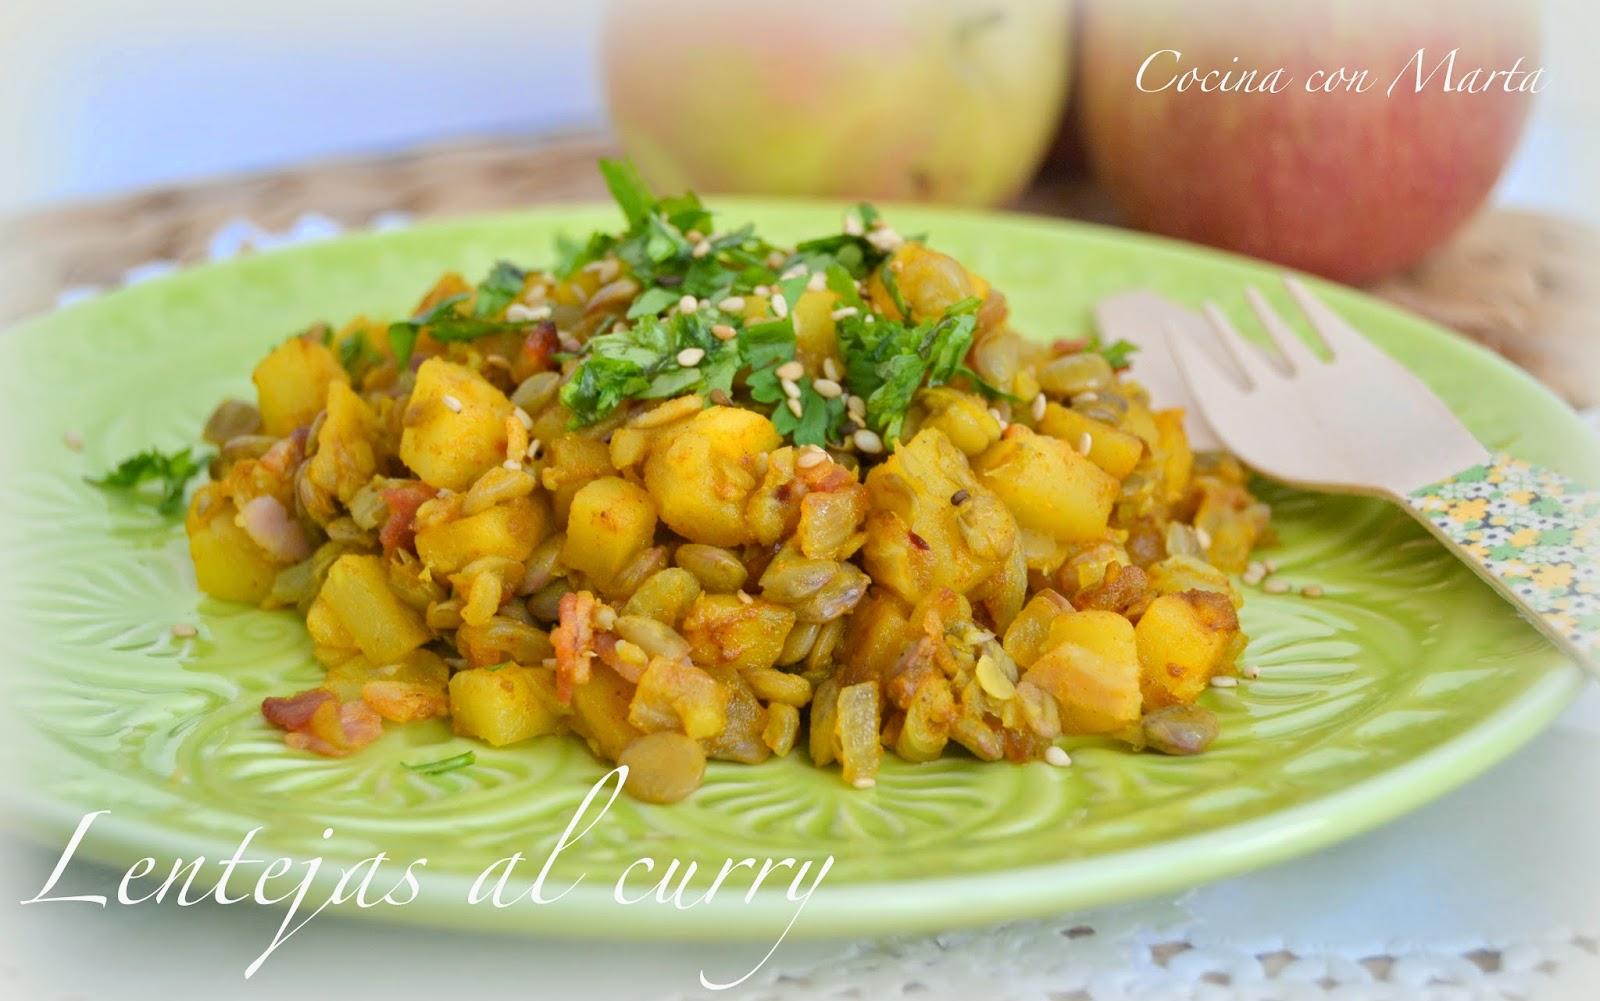 Lentejas al curry con manzana y bacon. Receta casera, fácil y rápida. Para llevar en el tupper.